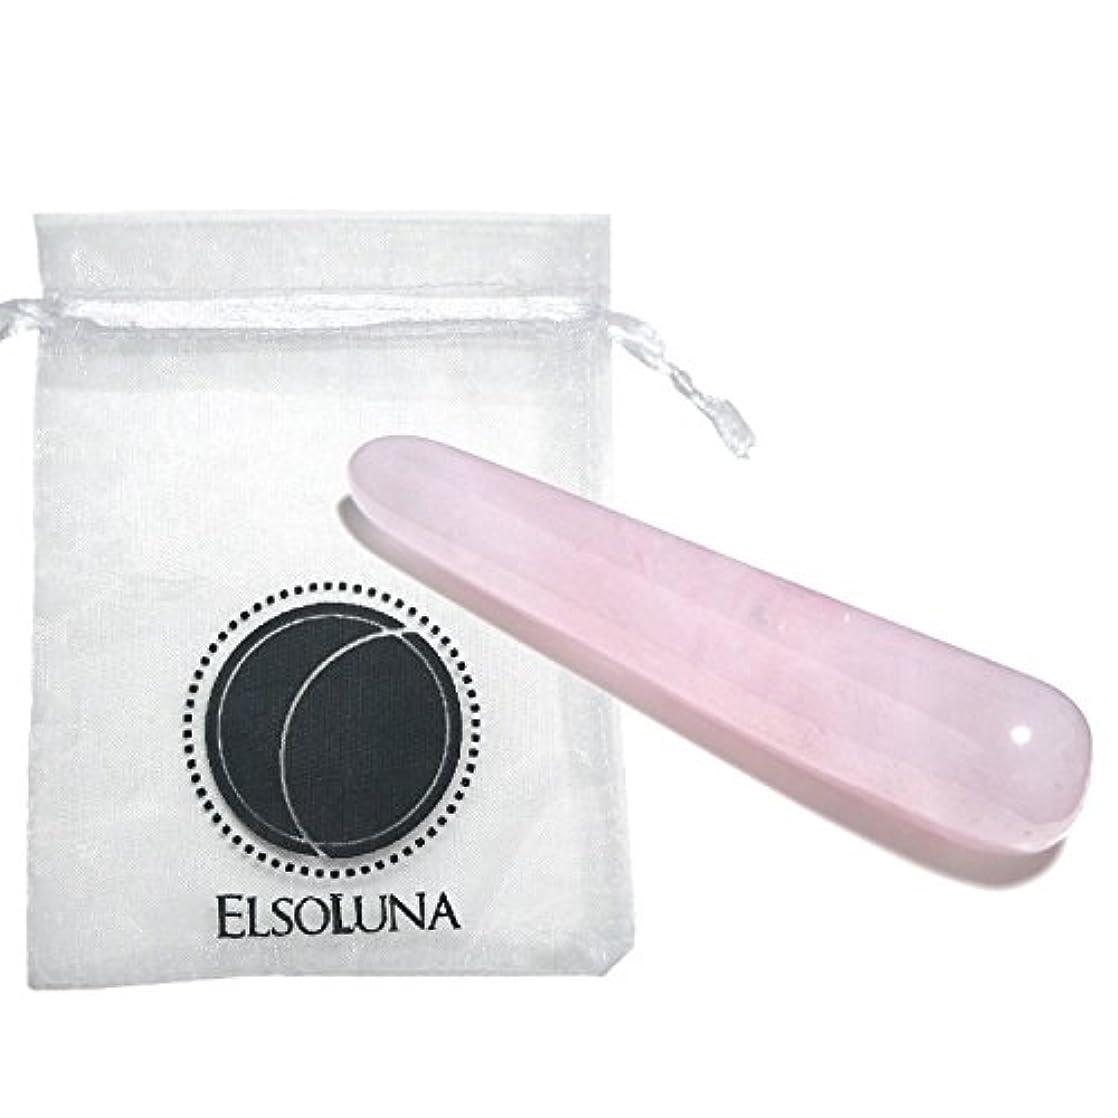 受信機欠如滅びるElsoluna(エルソルーナ) かっさプレート かっさマッサージ 美顔 天然石 パワーストーン (アウトレット ローズクォーツ スティック型, ピンク)